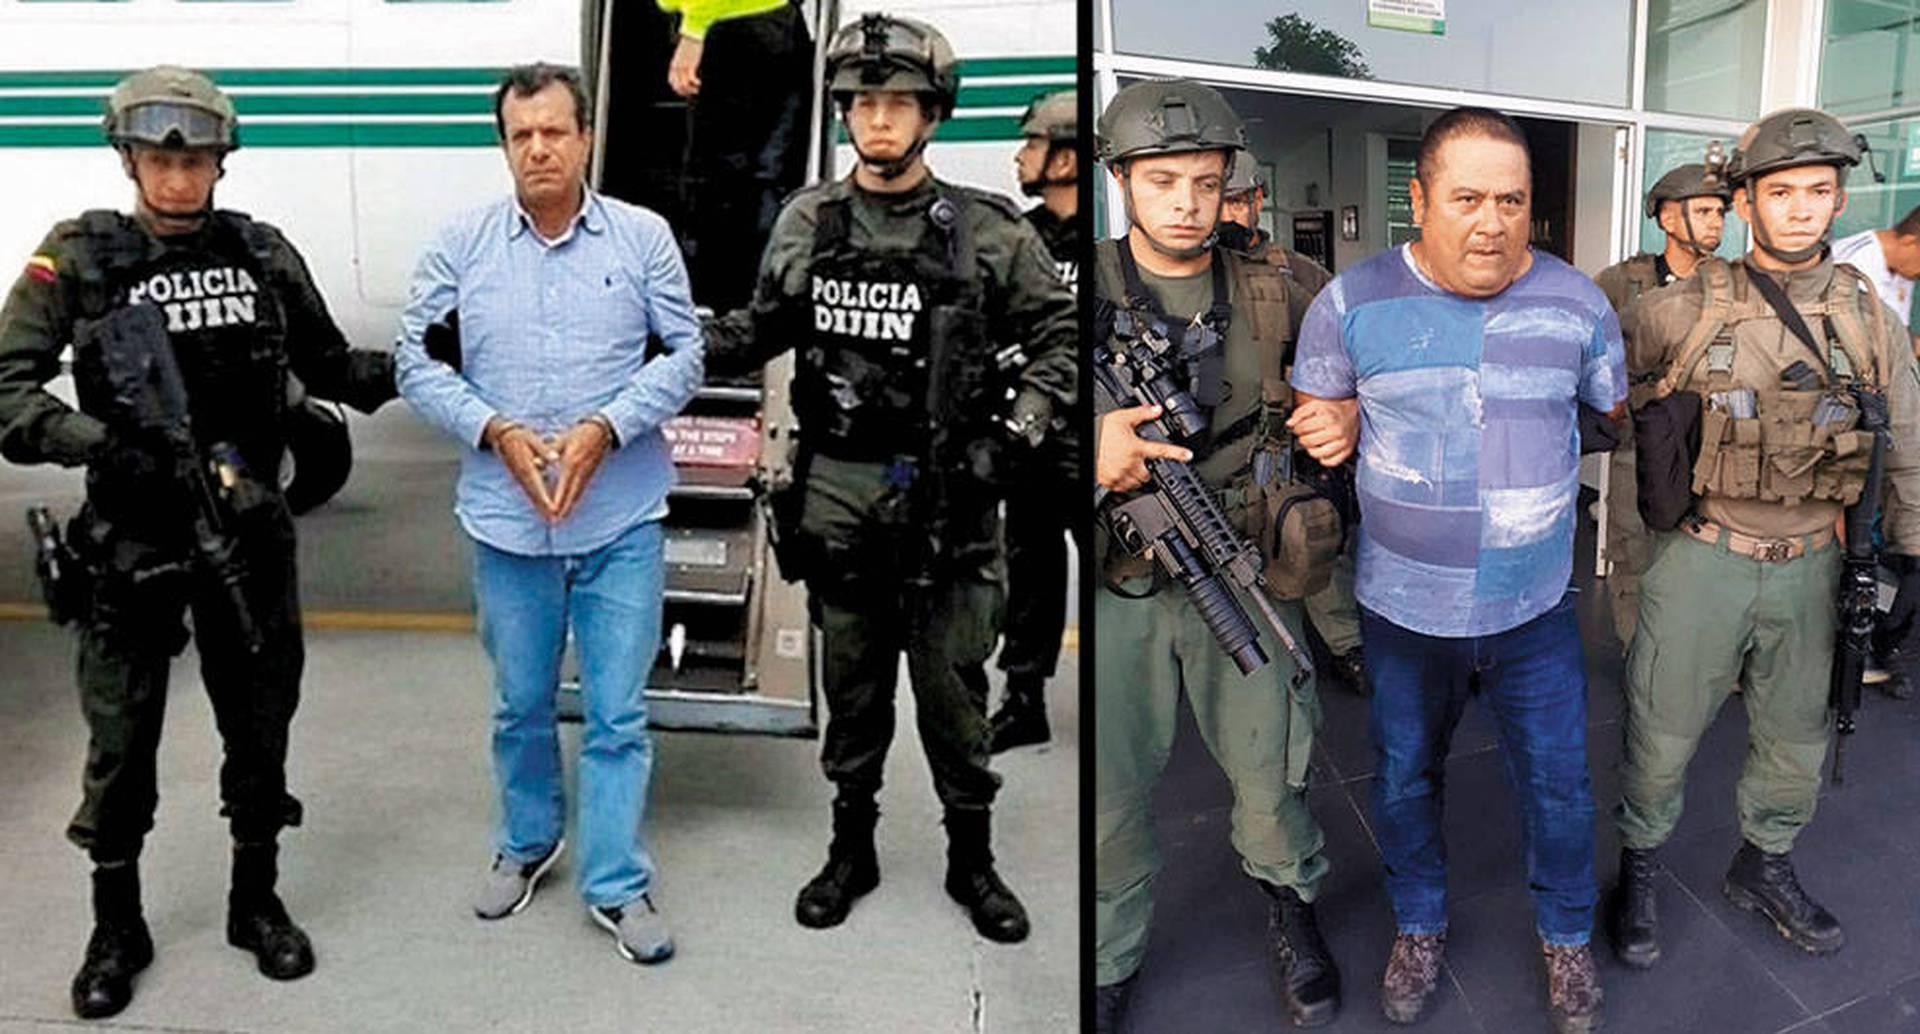 Mauricio Pachón, alias Puntilla, disparó 12 veces contra los policías que iban a arrestarlo. Murió en el cruce de disparos. Ángel Úsuga, alias Pitillo, hermano del jefe del Clan del Golfo, fue detenido en la Operación Agamenón II.